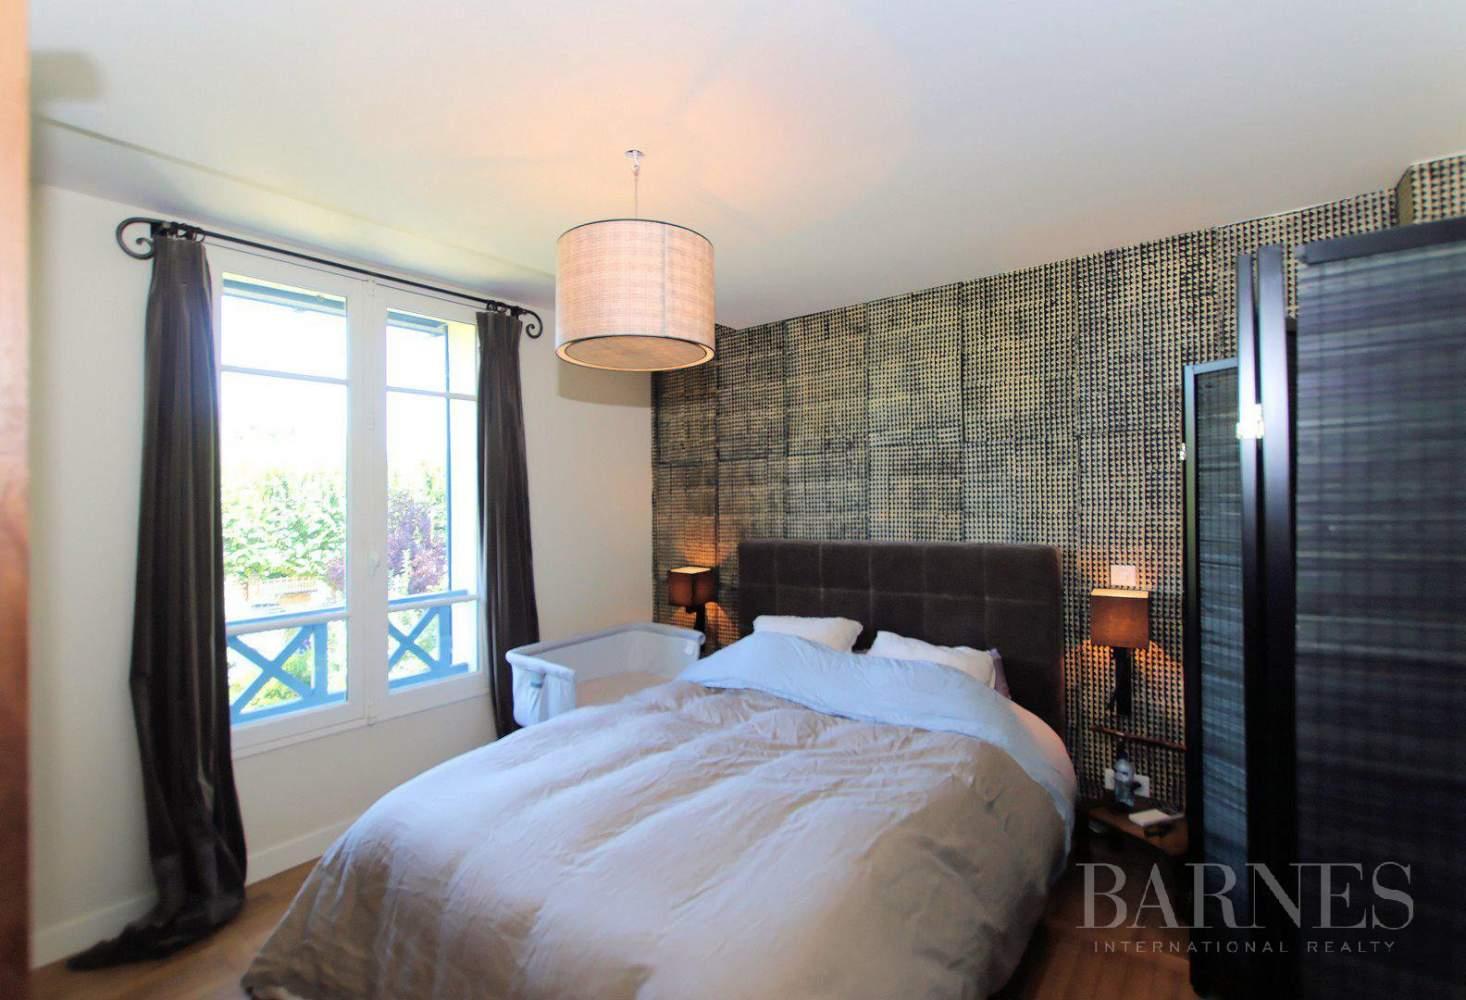 HOUSE FOR SALE - ILE DE MIGNEAUX - POISSY - 4 BEDROOMS - POOL picture 6